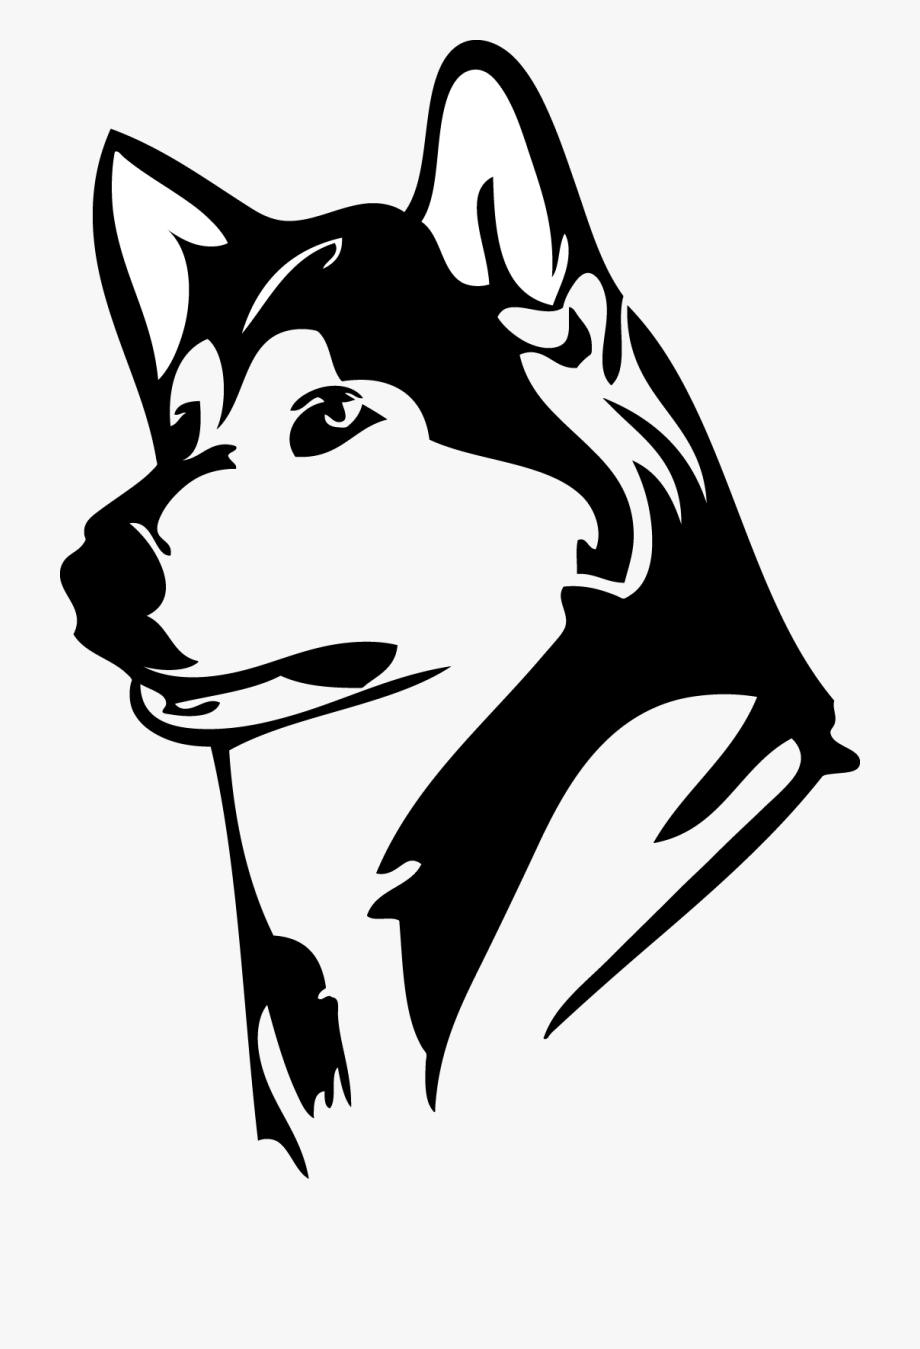 Husky clipart huskie. University of washington huskies